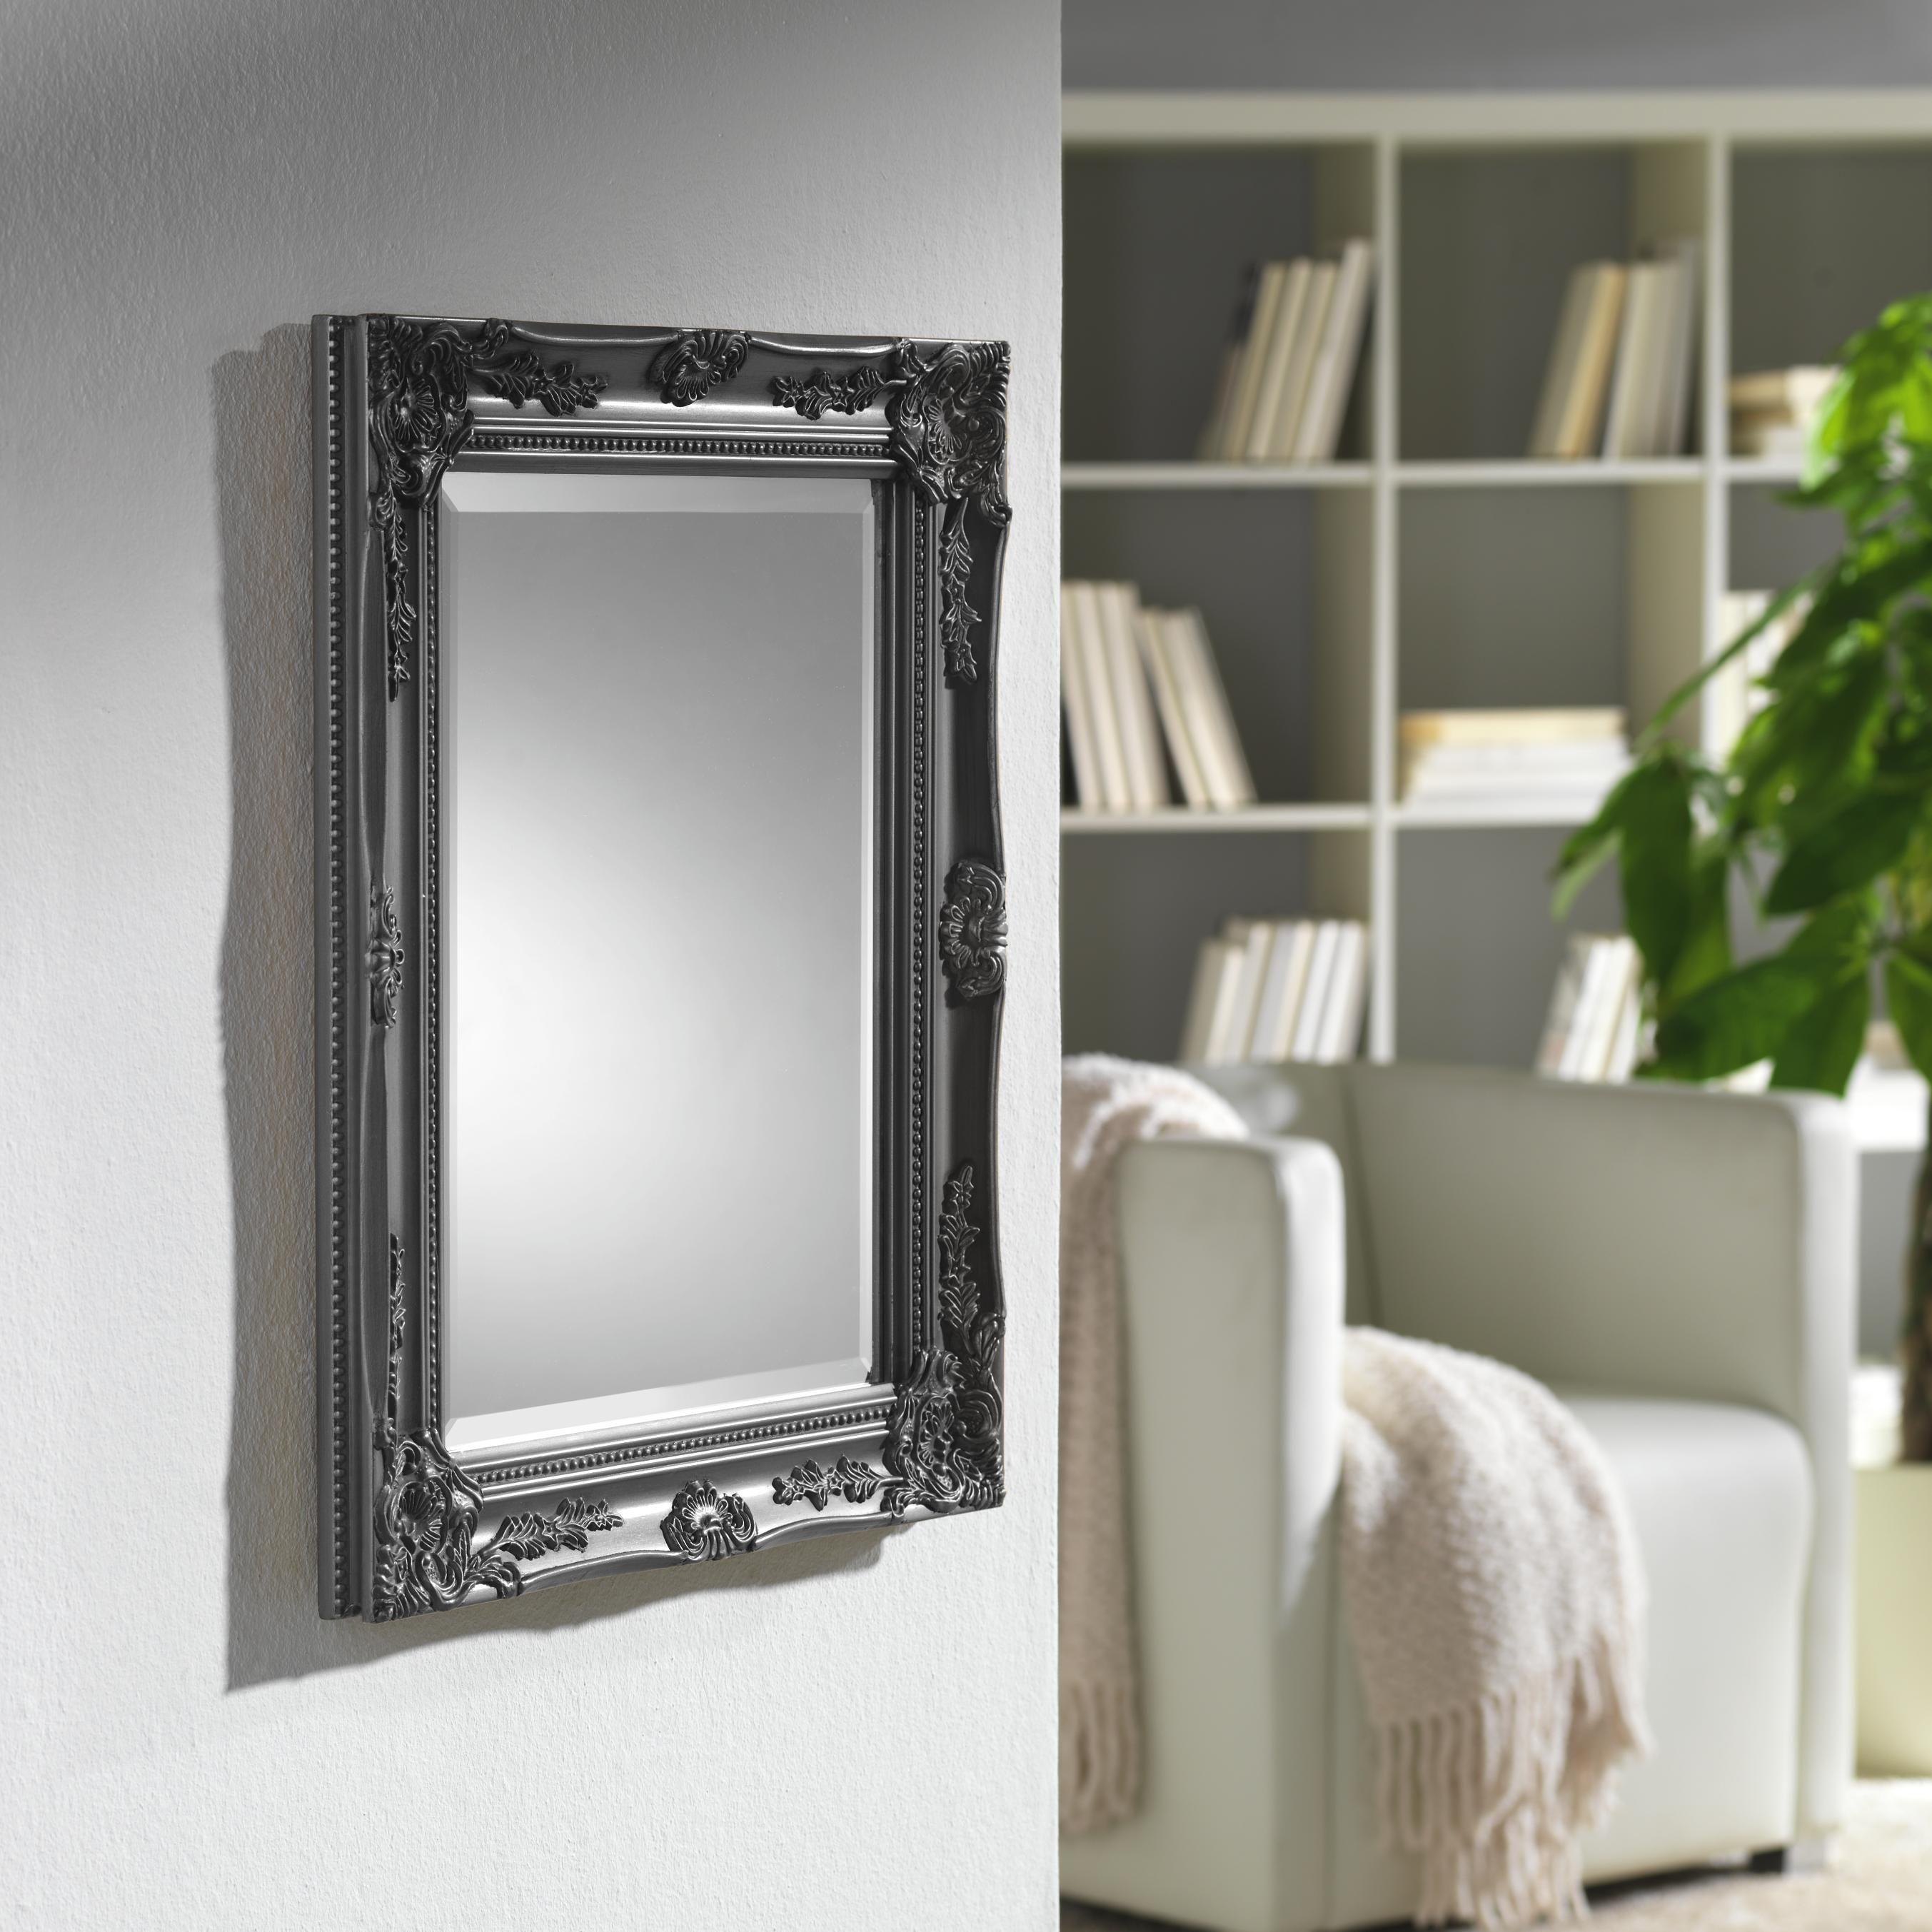 Geschmackvoller Spiegel von LANDSCAPE | Wandspiegel, Spiegel